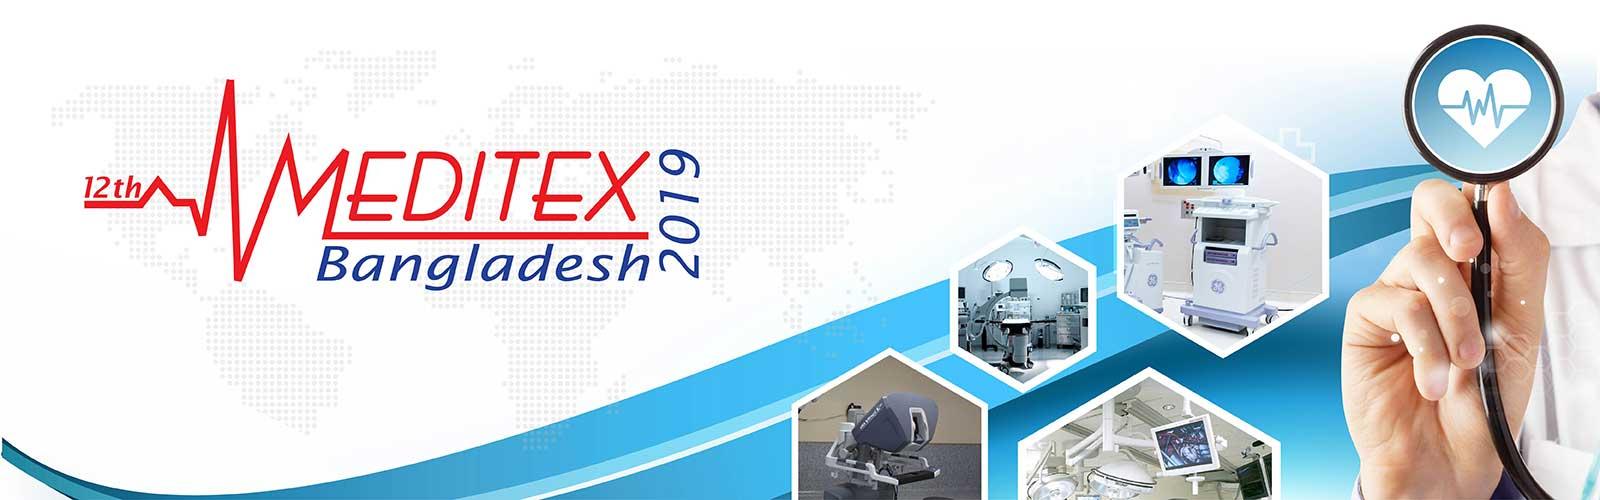 meditex123.jpg